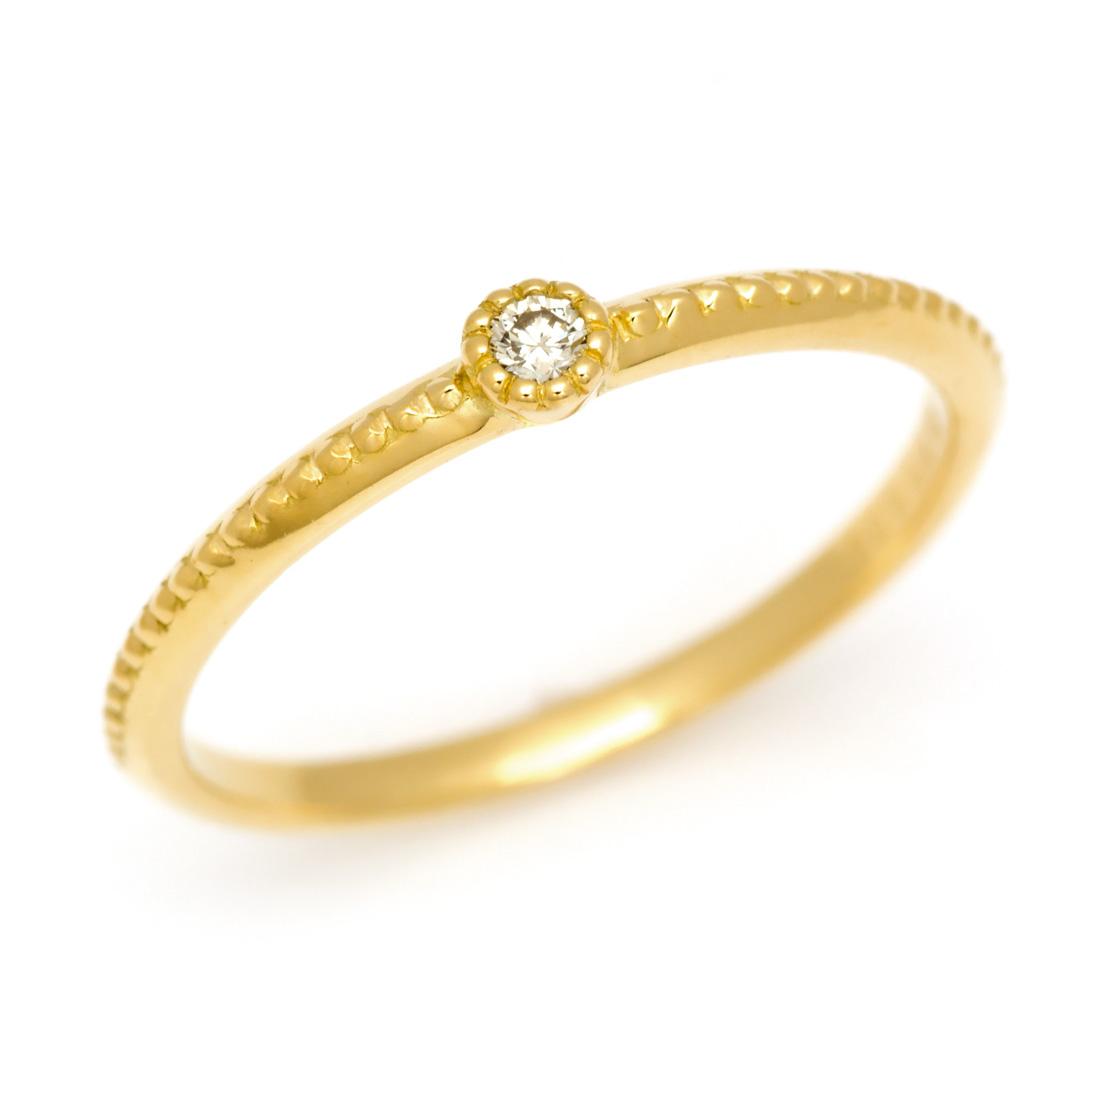 【GWクーポン配布中】K18 ダイヤモンド リング 「semino」指輪 ダイアモンド ダイヤリング ミル打ち 一粒 18K 18金 ゴールド 4月誕生石 ピンキーリング 0号 マイナス5号 ファランジ ミディ 重ね着け レディース